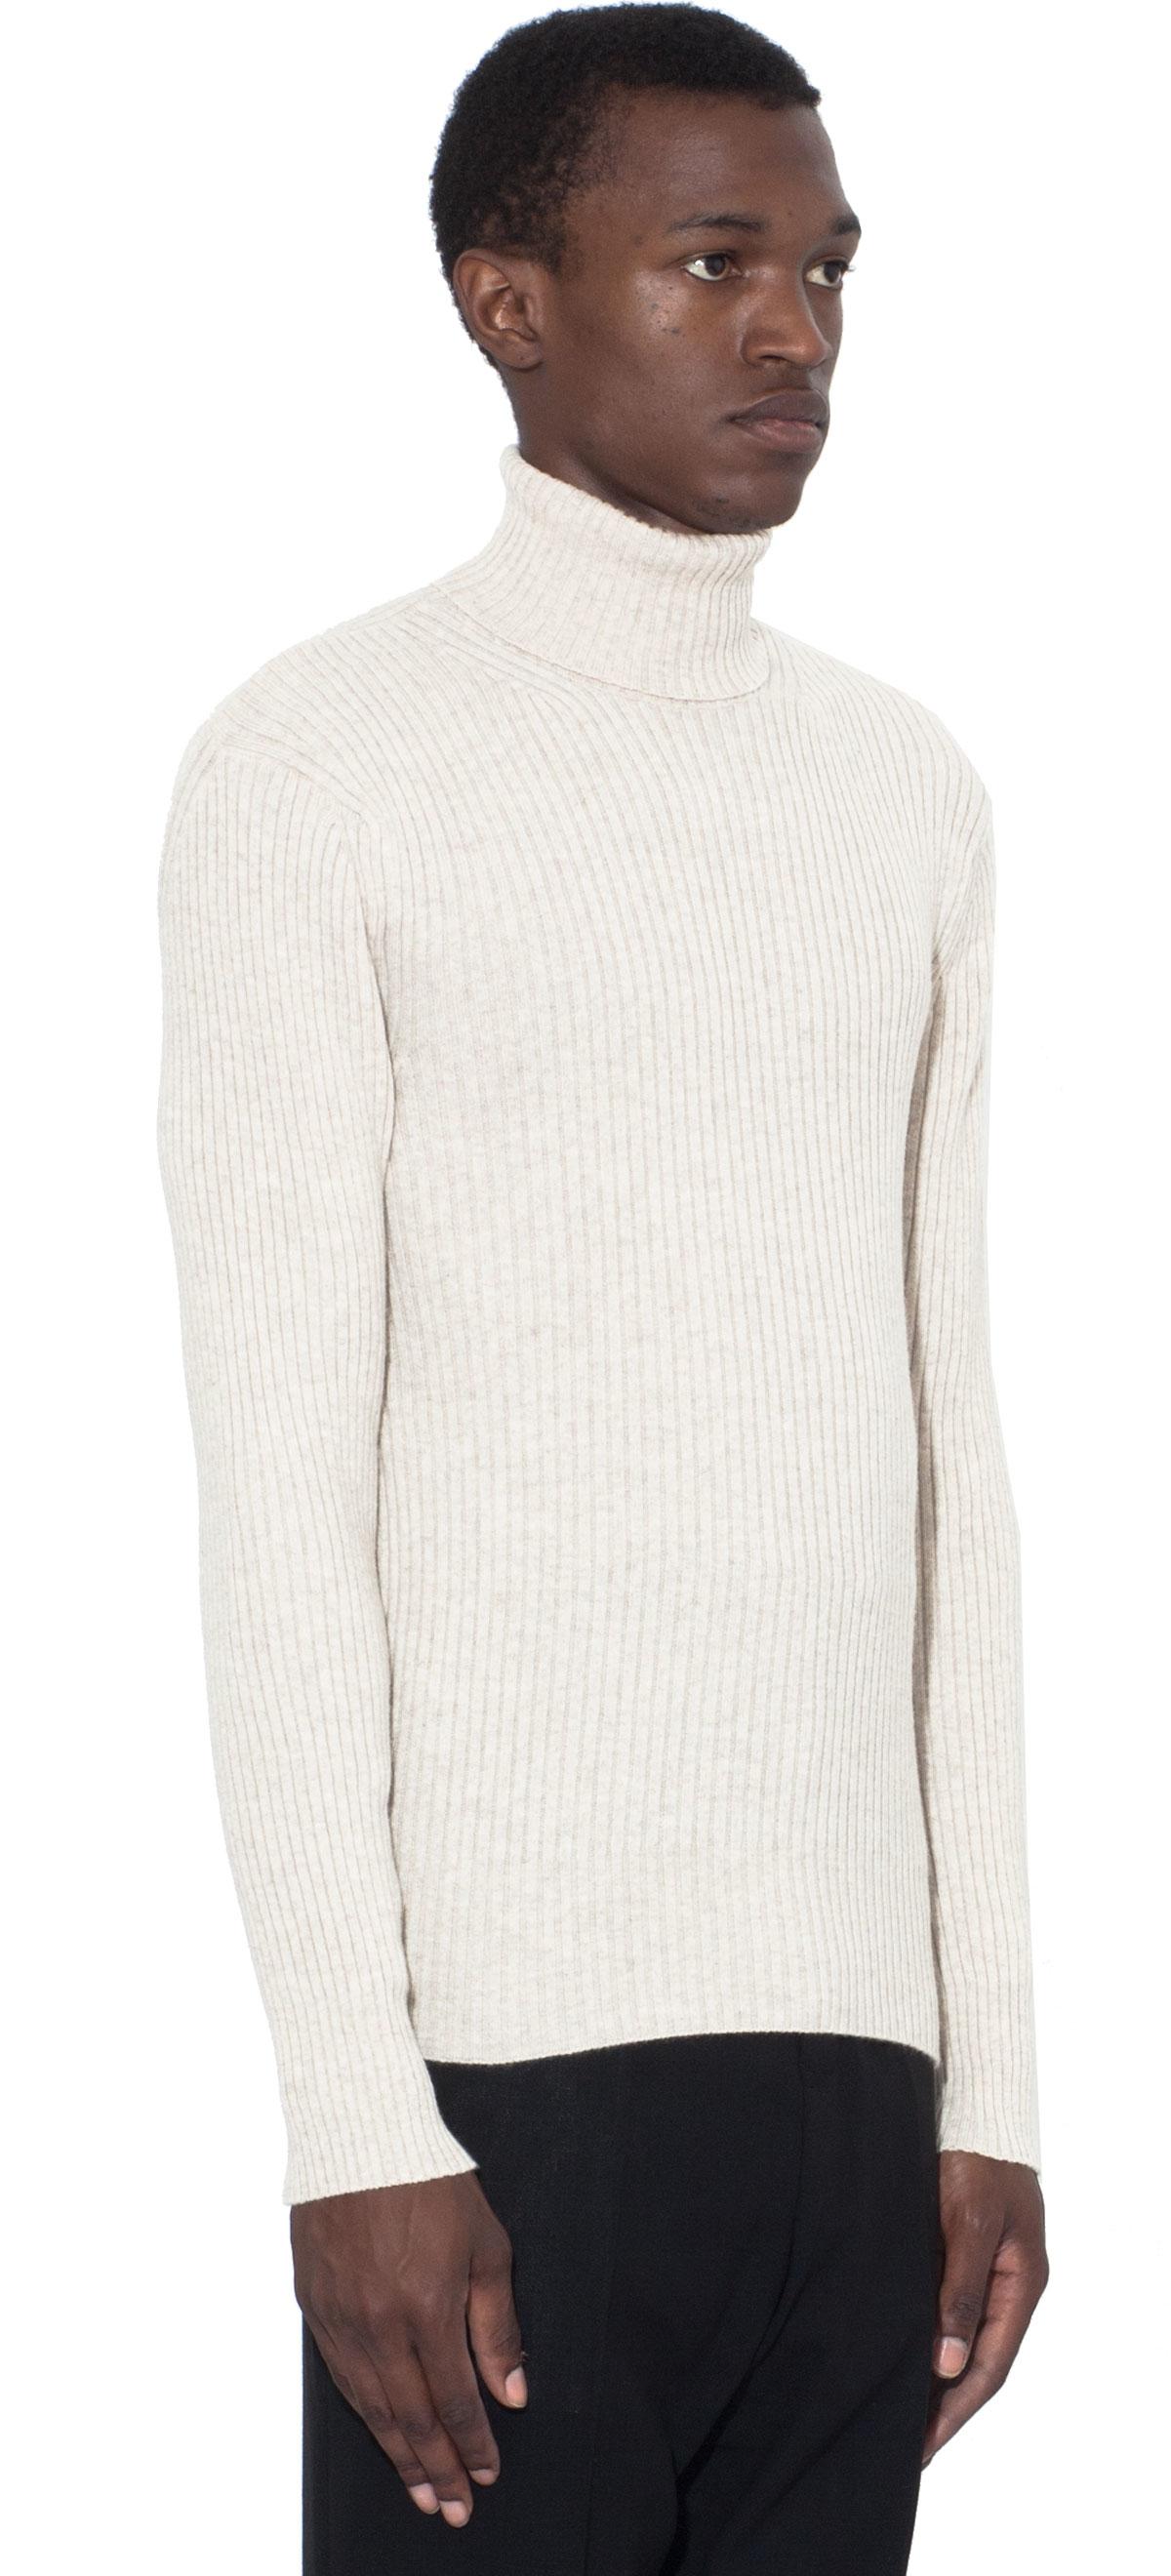 tom ford cashmere turtleneck sweater in white for men lyst. Black Bedroom Furniture Sets. Home Design Ideas